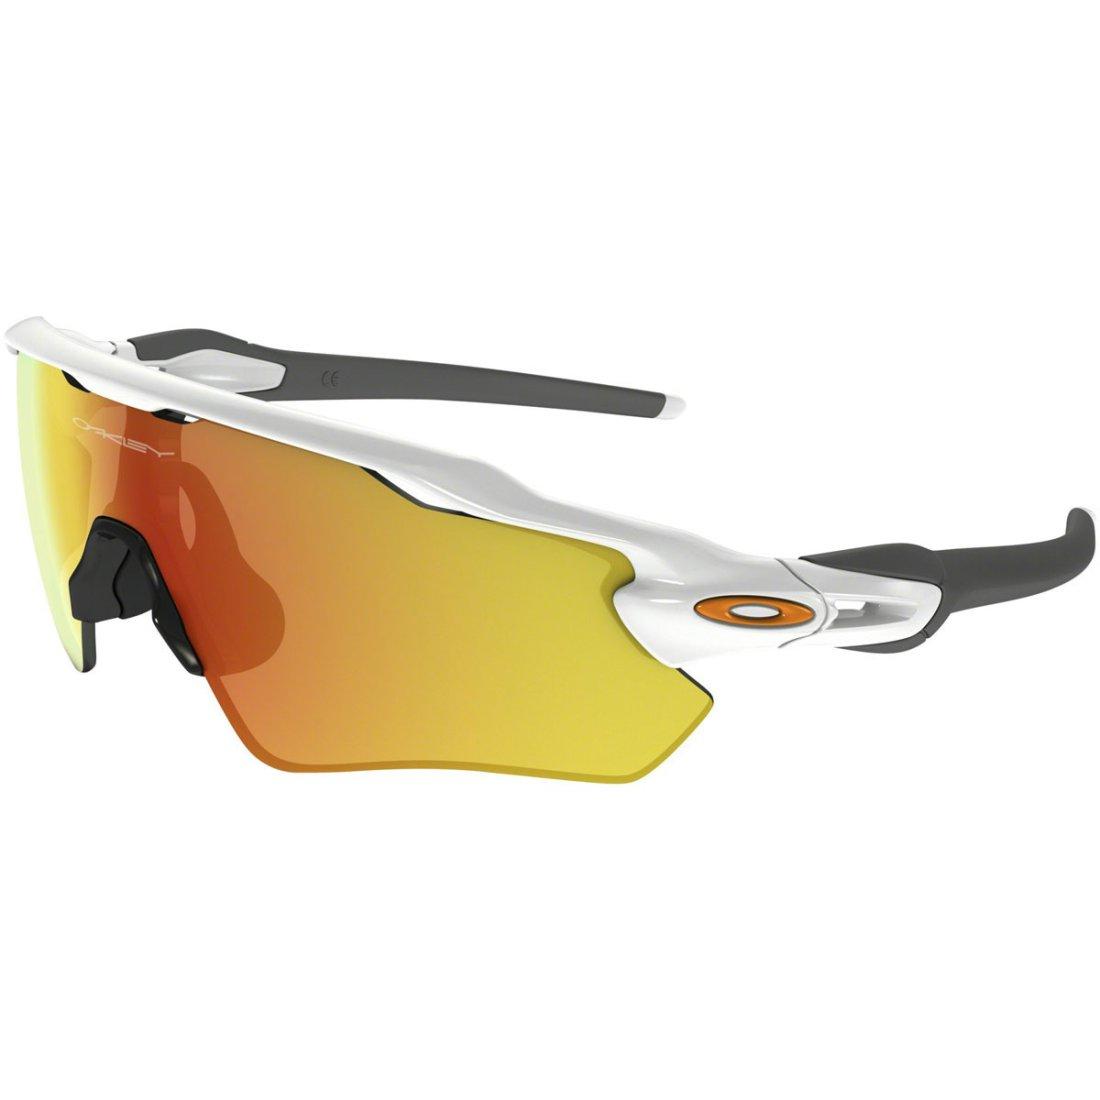 occhiali oakley radarlook xl